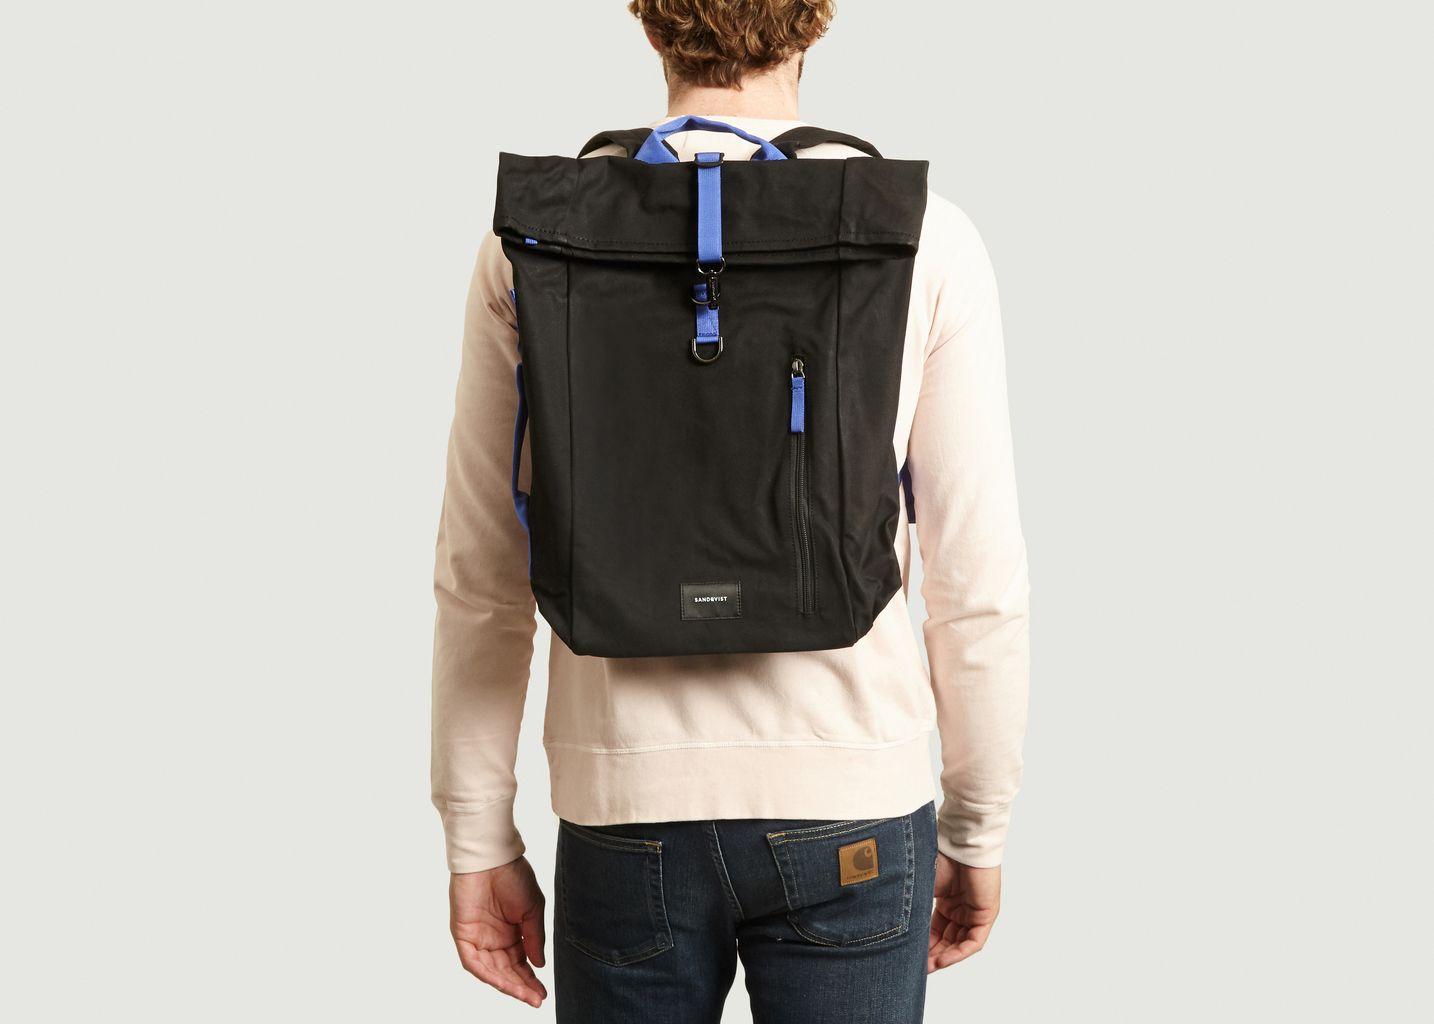 Sac à dos en coton bio et polyester recyclé Dante - Sandqvist